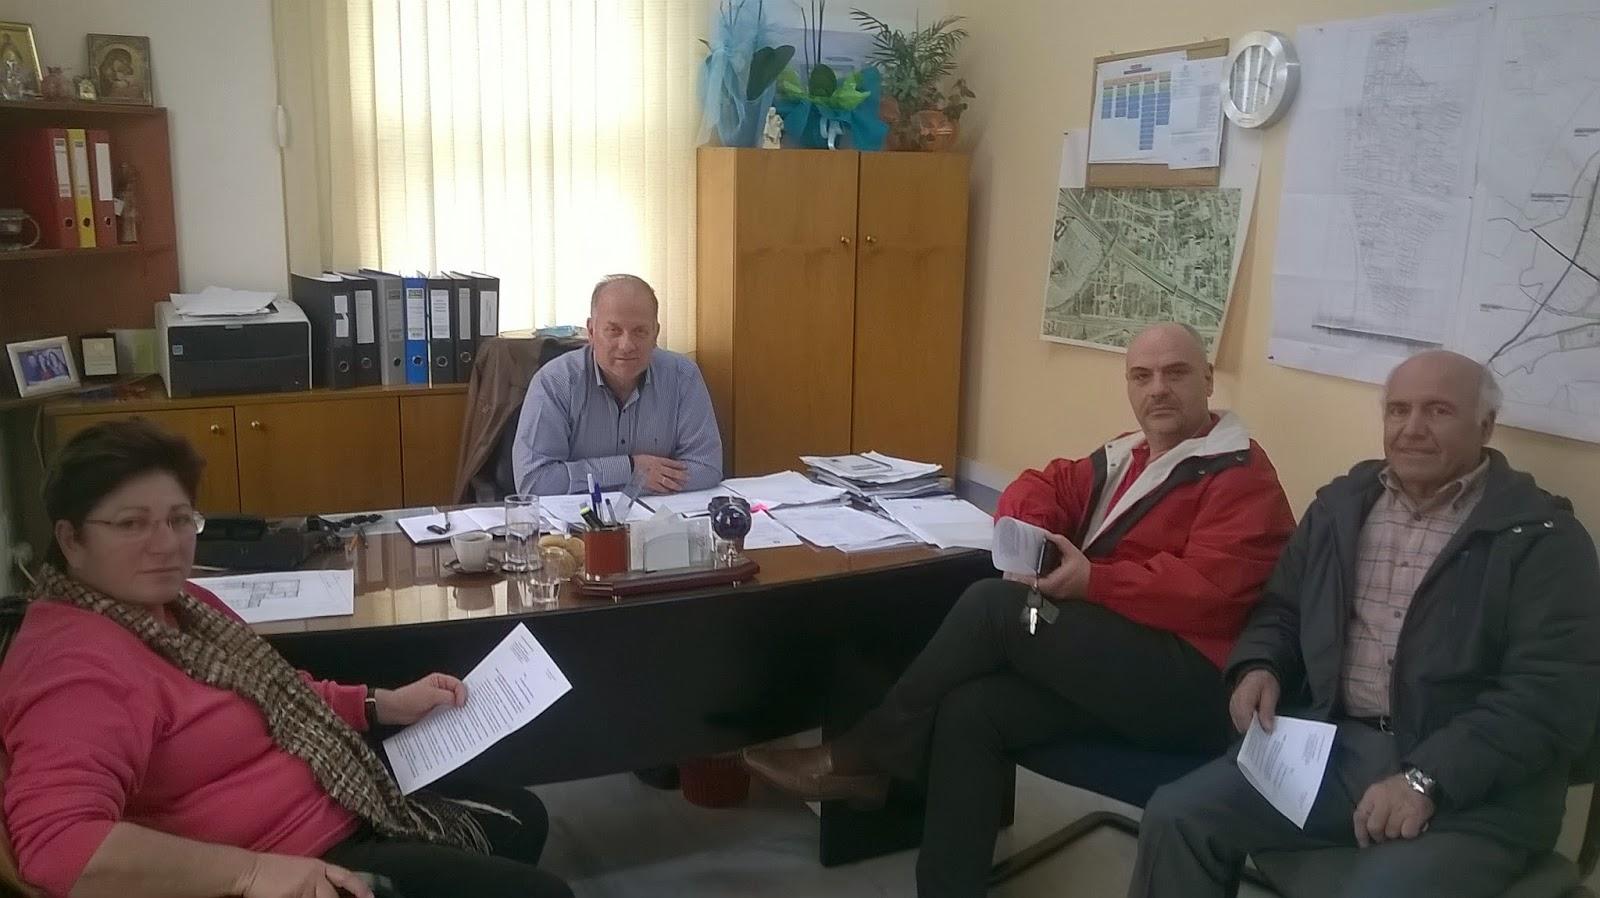 Συνάντηση Συλλόγου Ζωφριάς  με τον Αντιδήμαρχο Τεχνικών Υπηρεσιών.